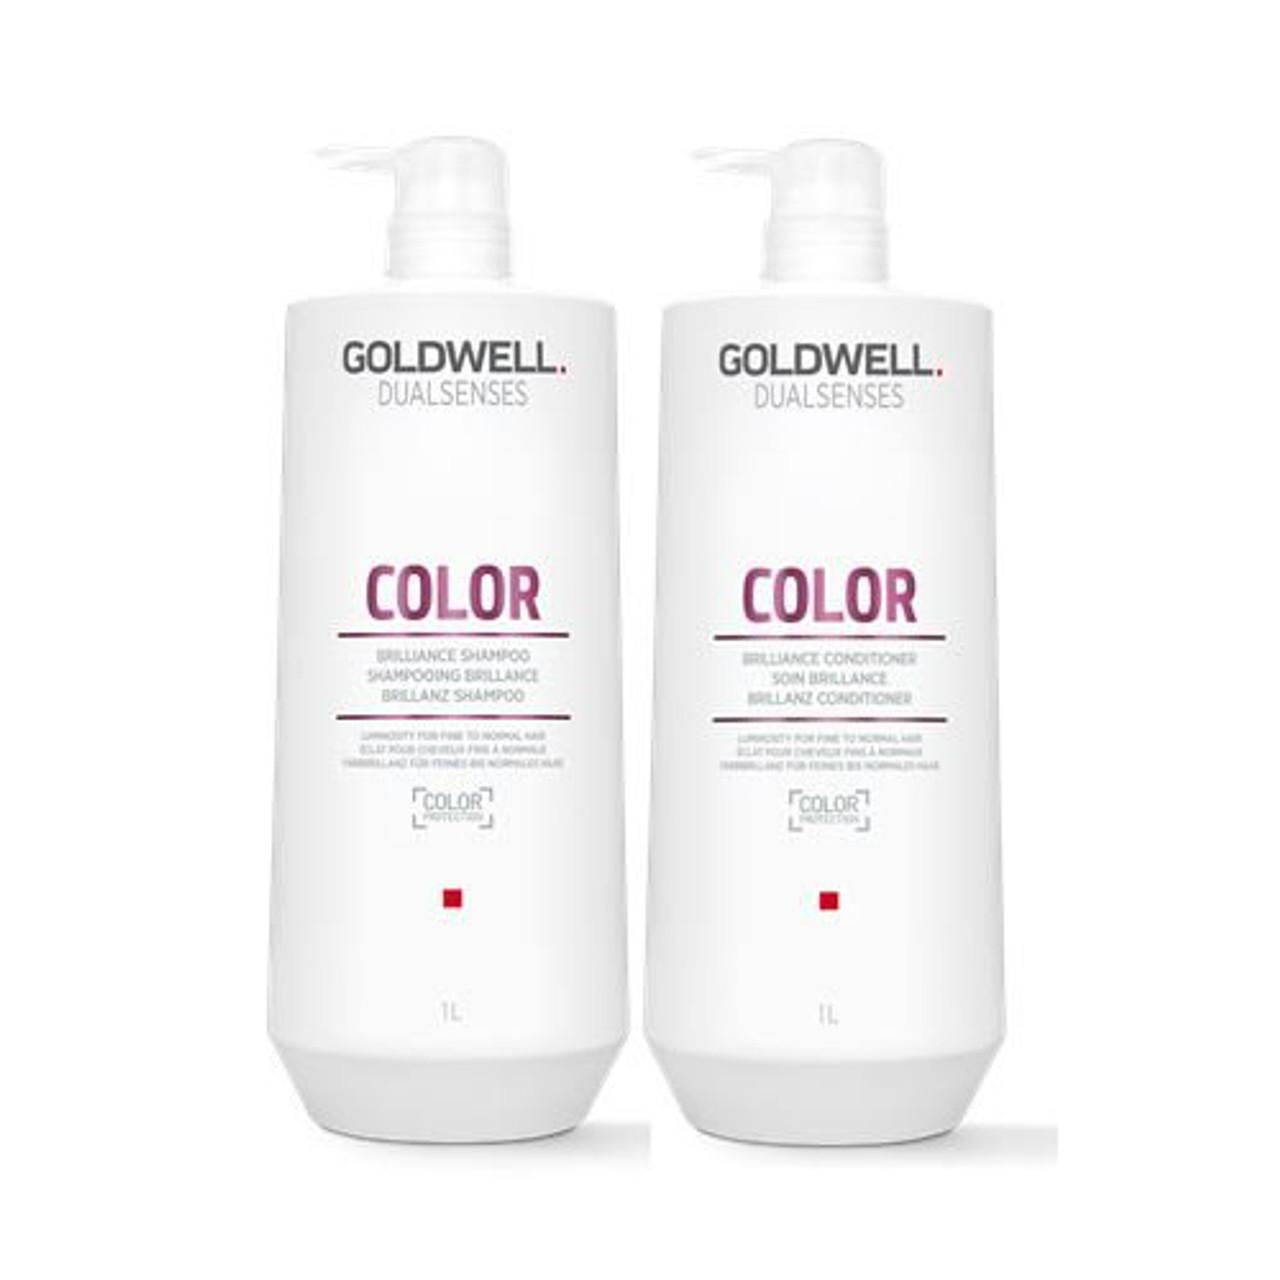 Goldwell Dual Senses Color Liter Duo